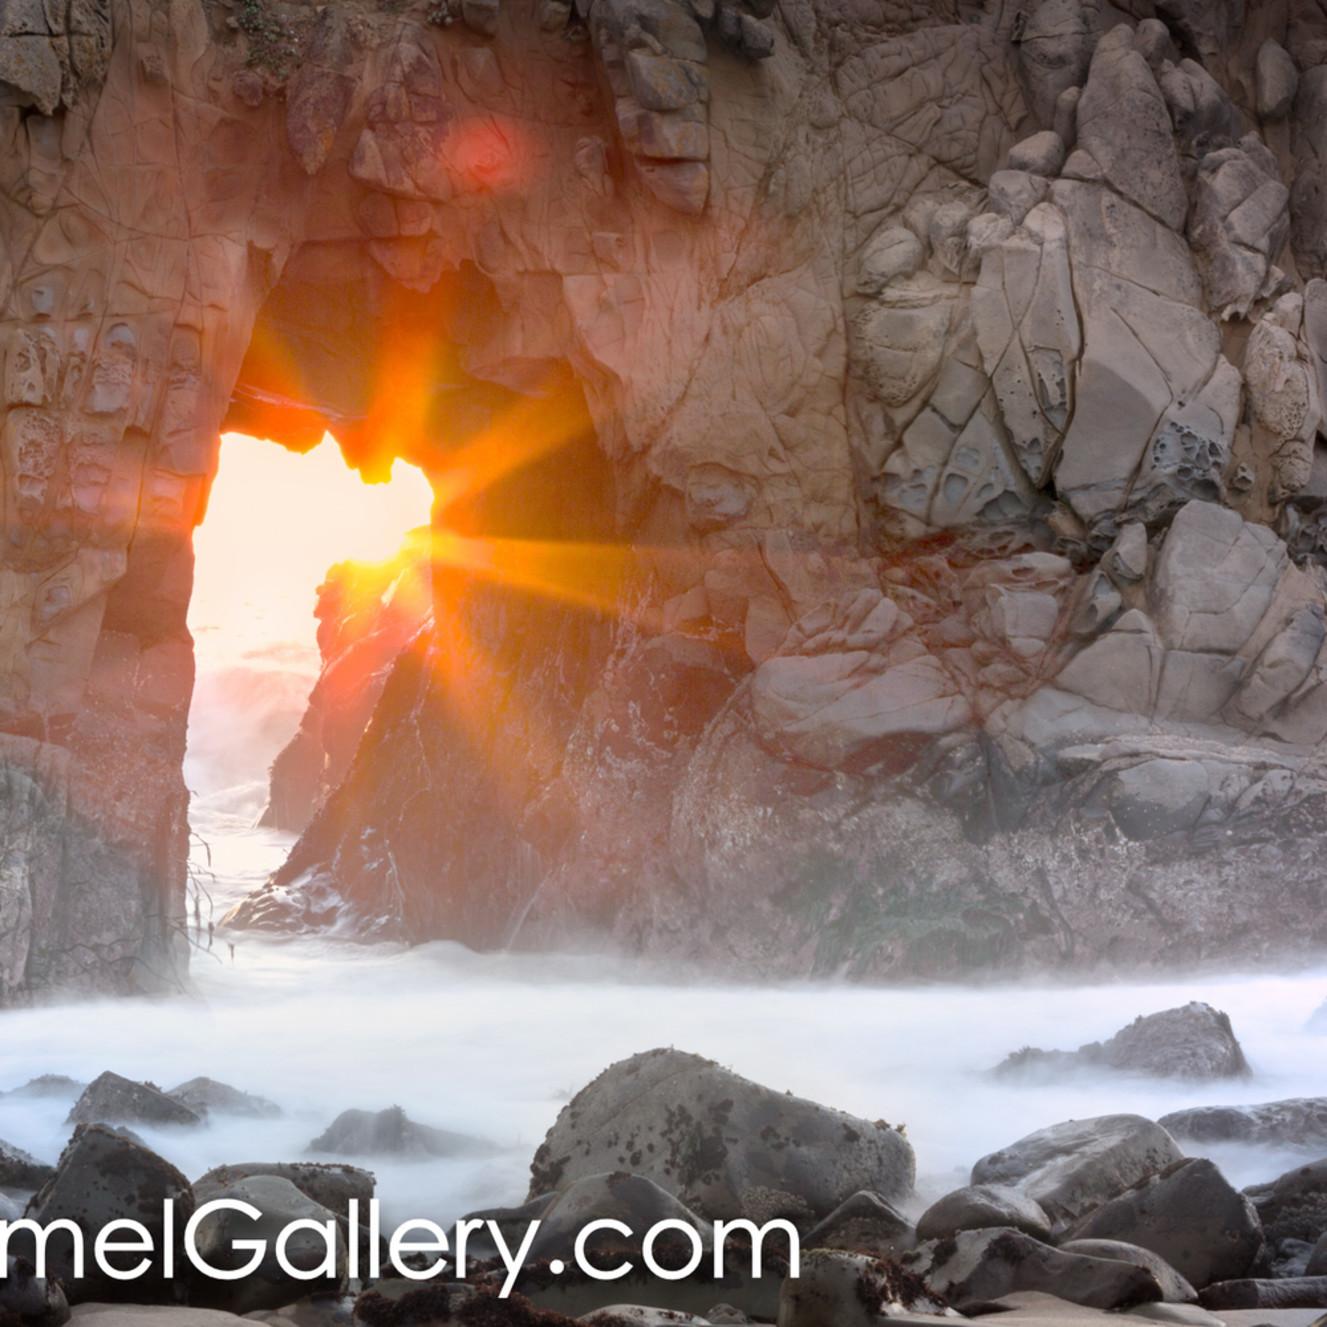 Sunburst pfeiffer keyhole pxfppx